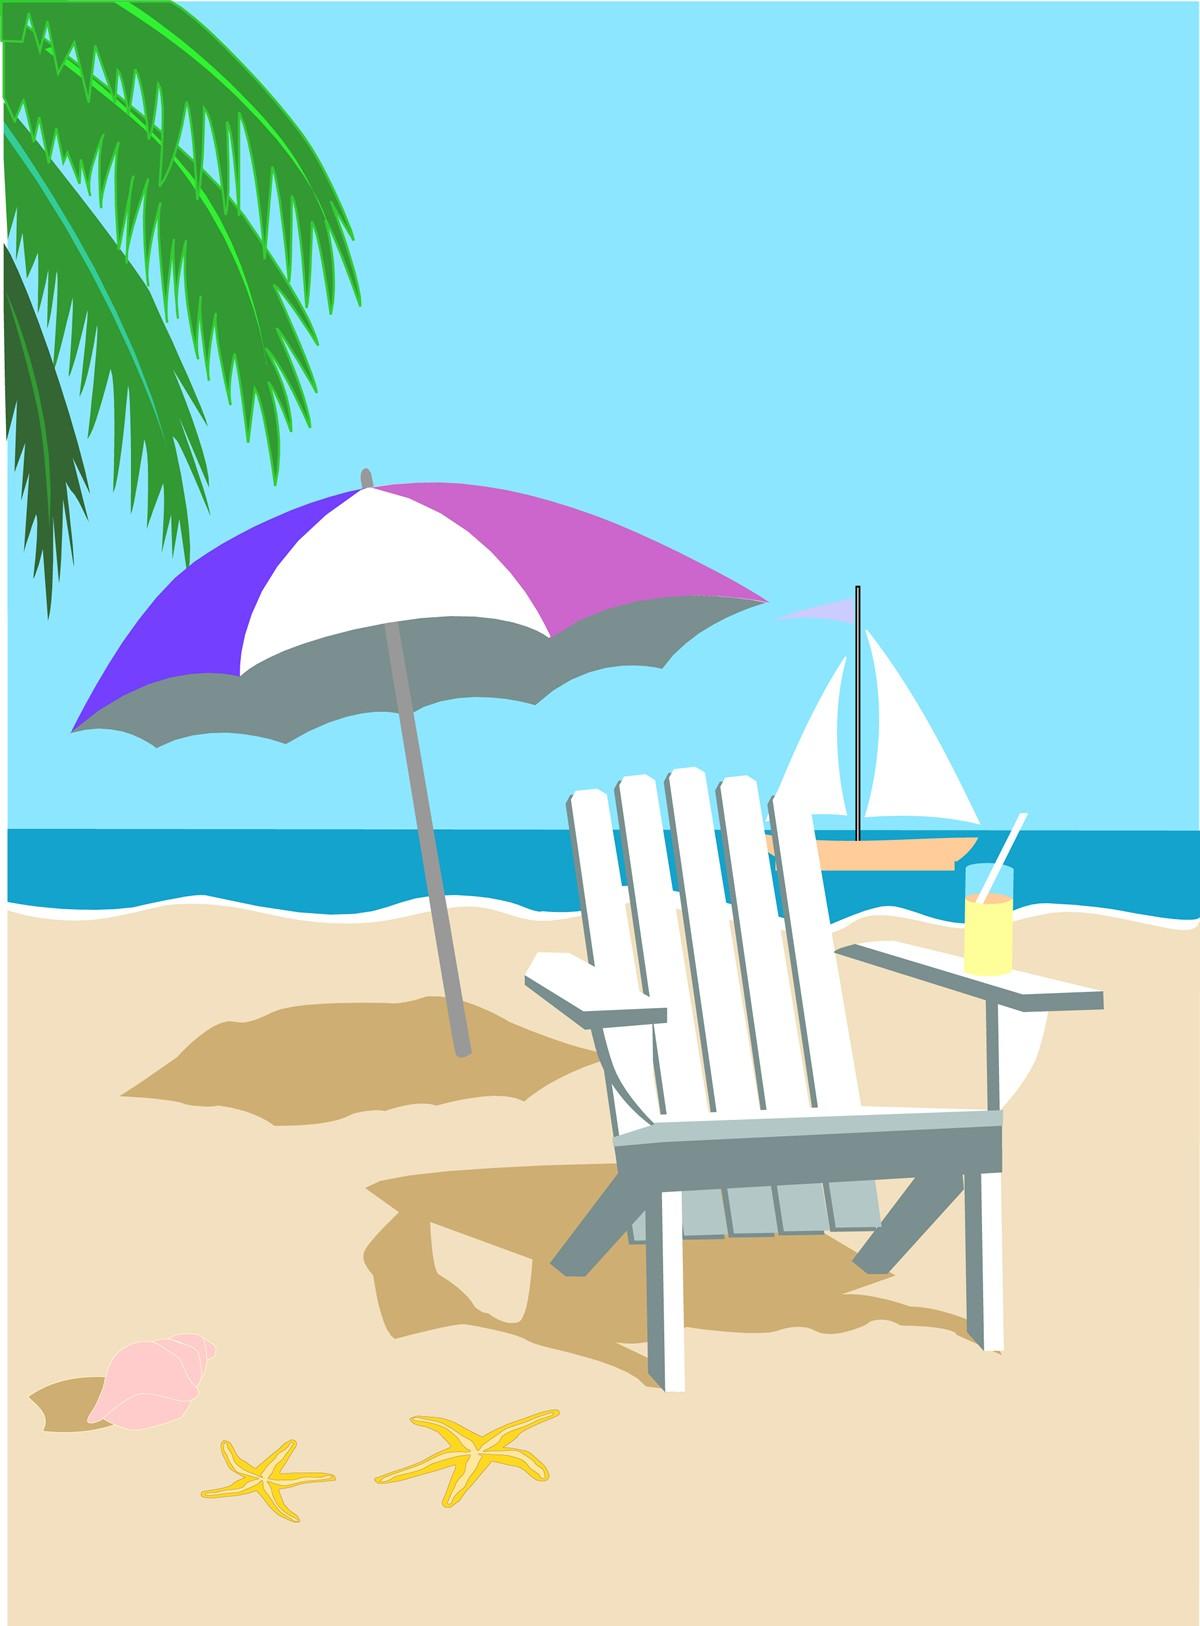 Cartoon Images Beach - ClipArt Best